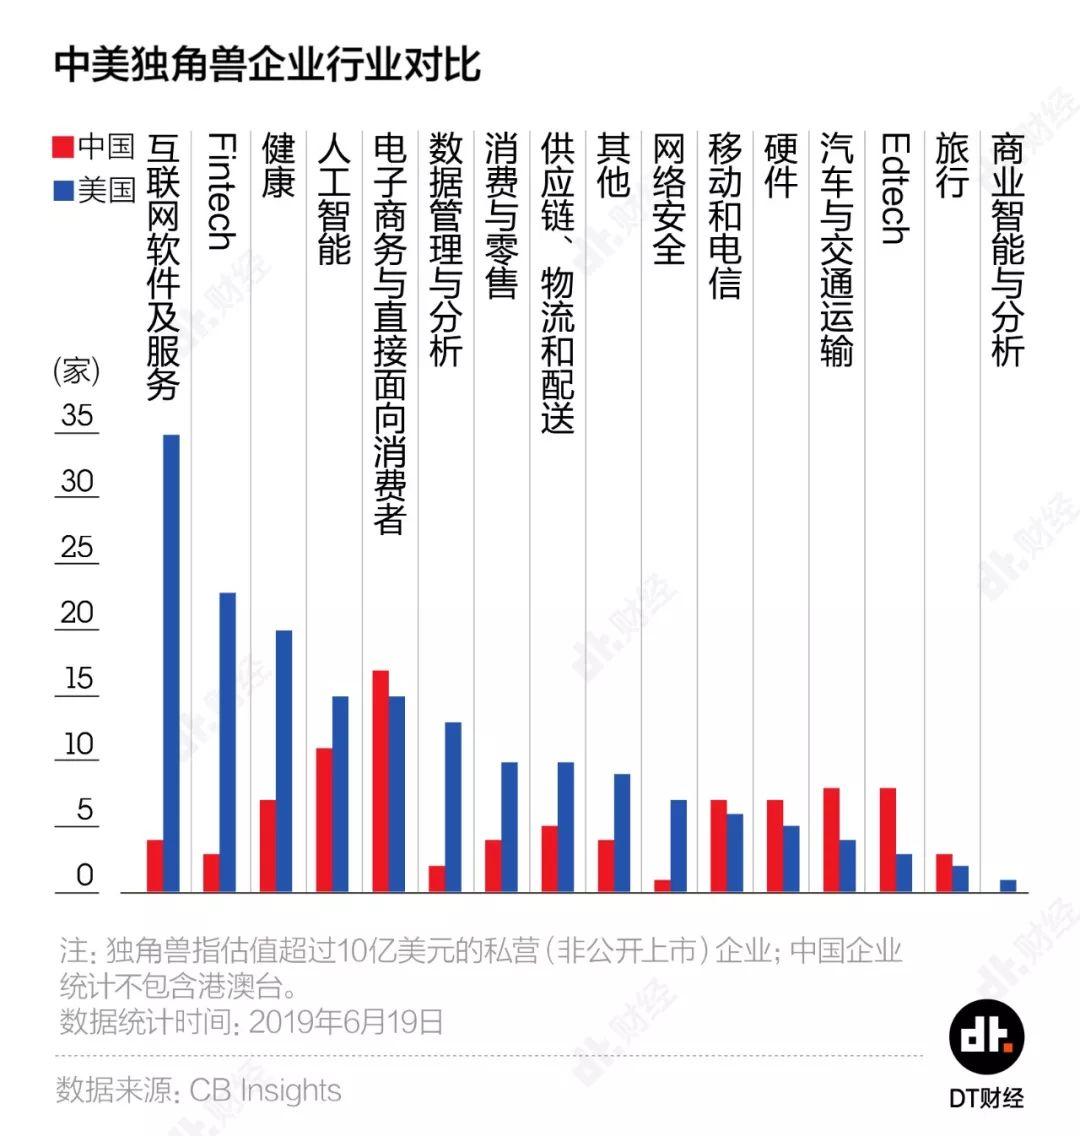 在互联网软件和服务、fintech等行业中,中国的新兴企业数量还不到美国的零头.